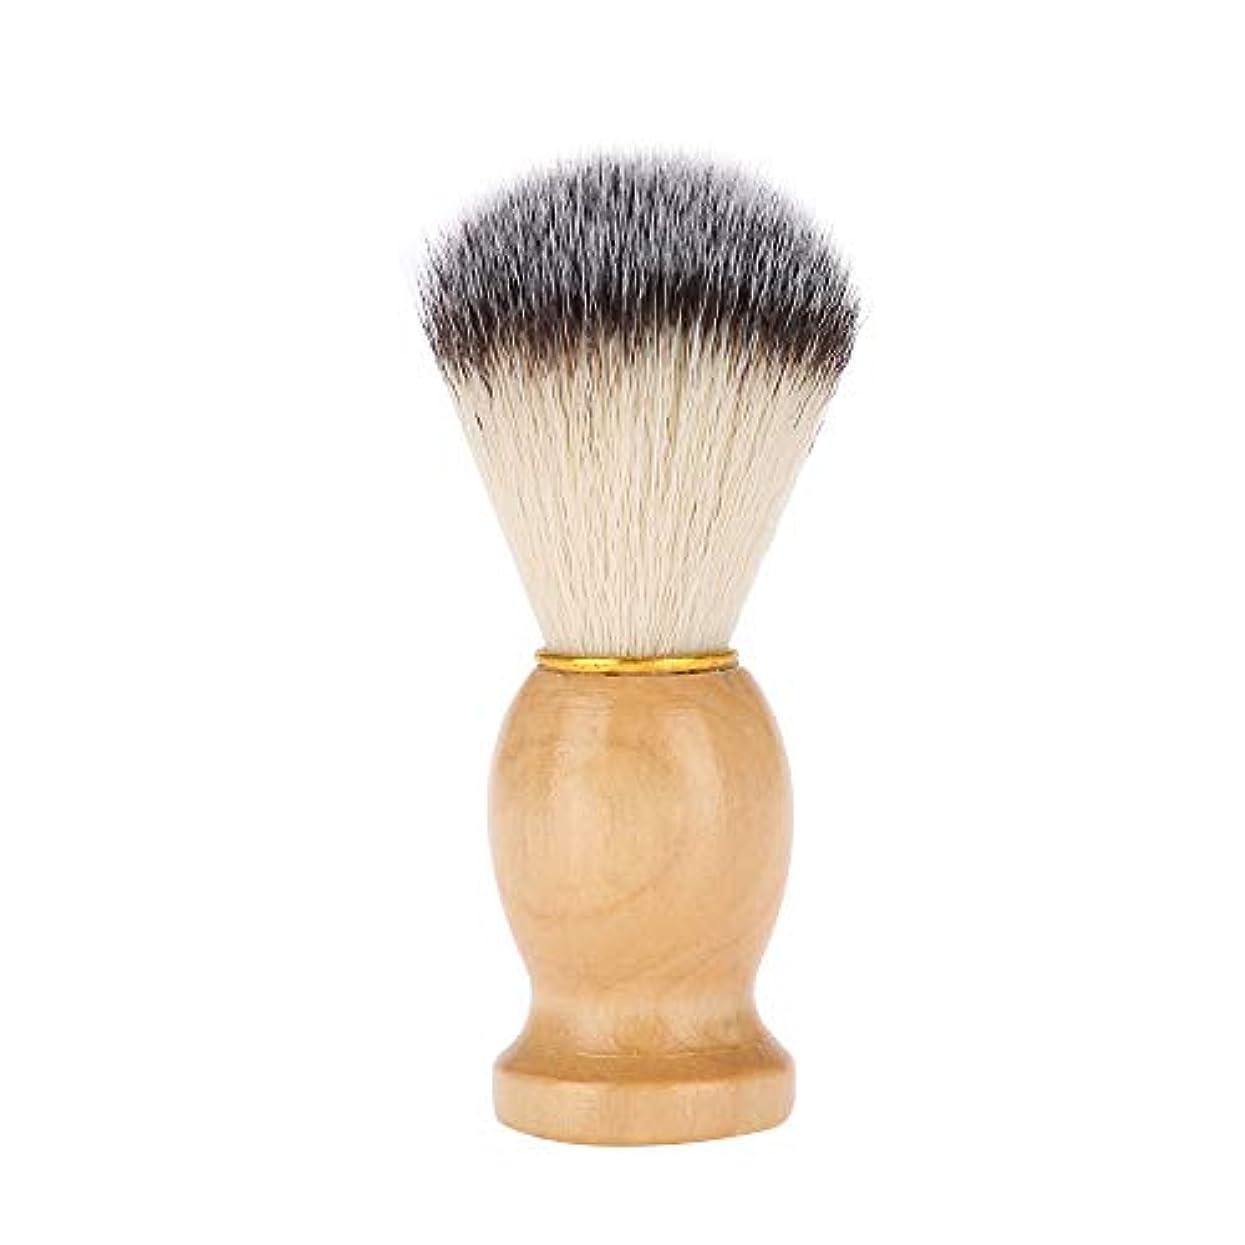 試用教える嫉妬シェービングブラシ 髭剃りブラシ 木製ハンドル+繊維毛 泡立て ひげ剃りツール メンズ理容ブラシ